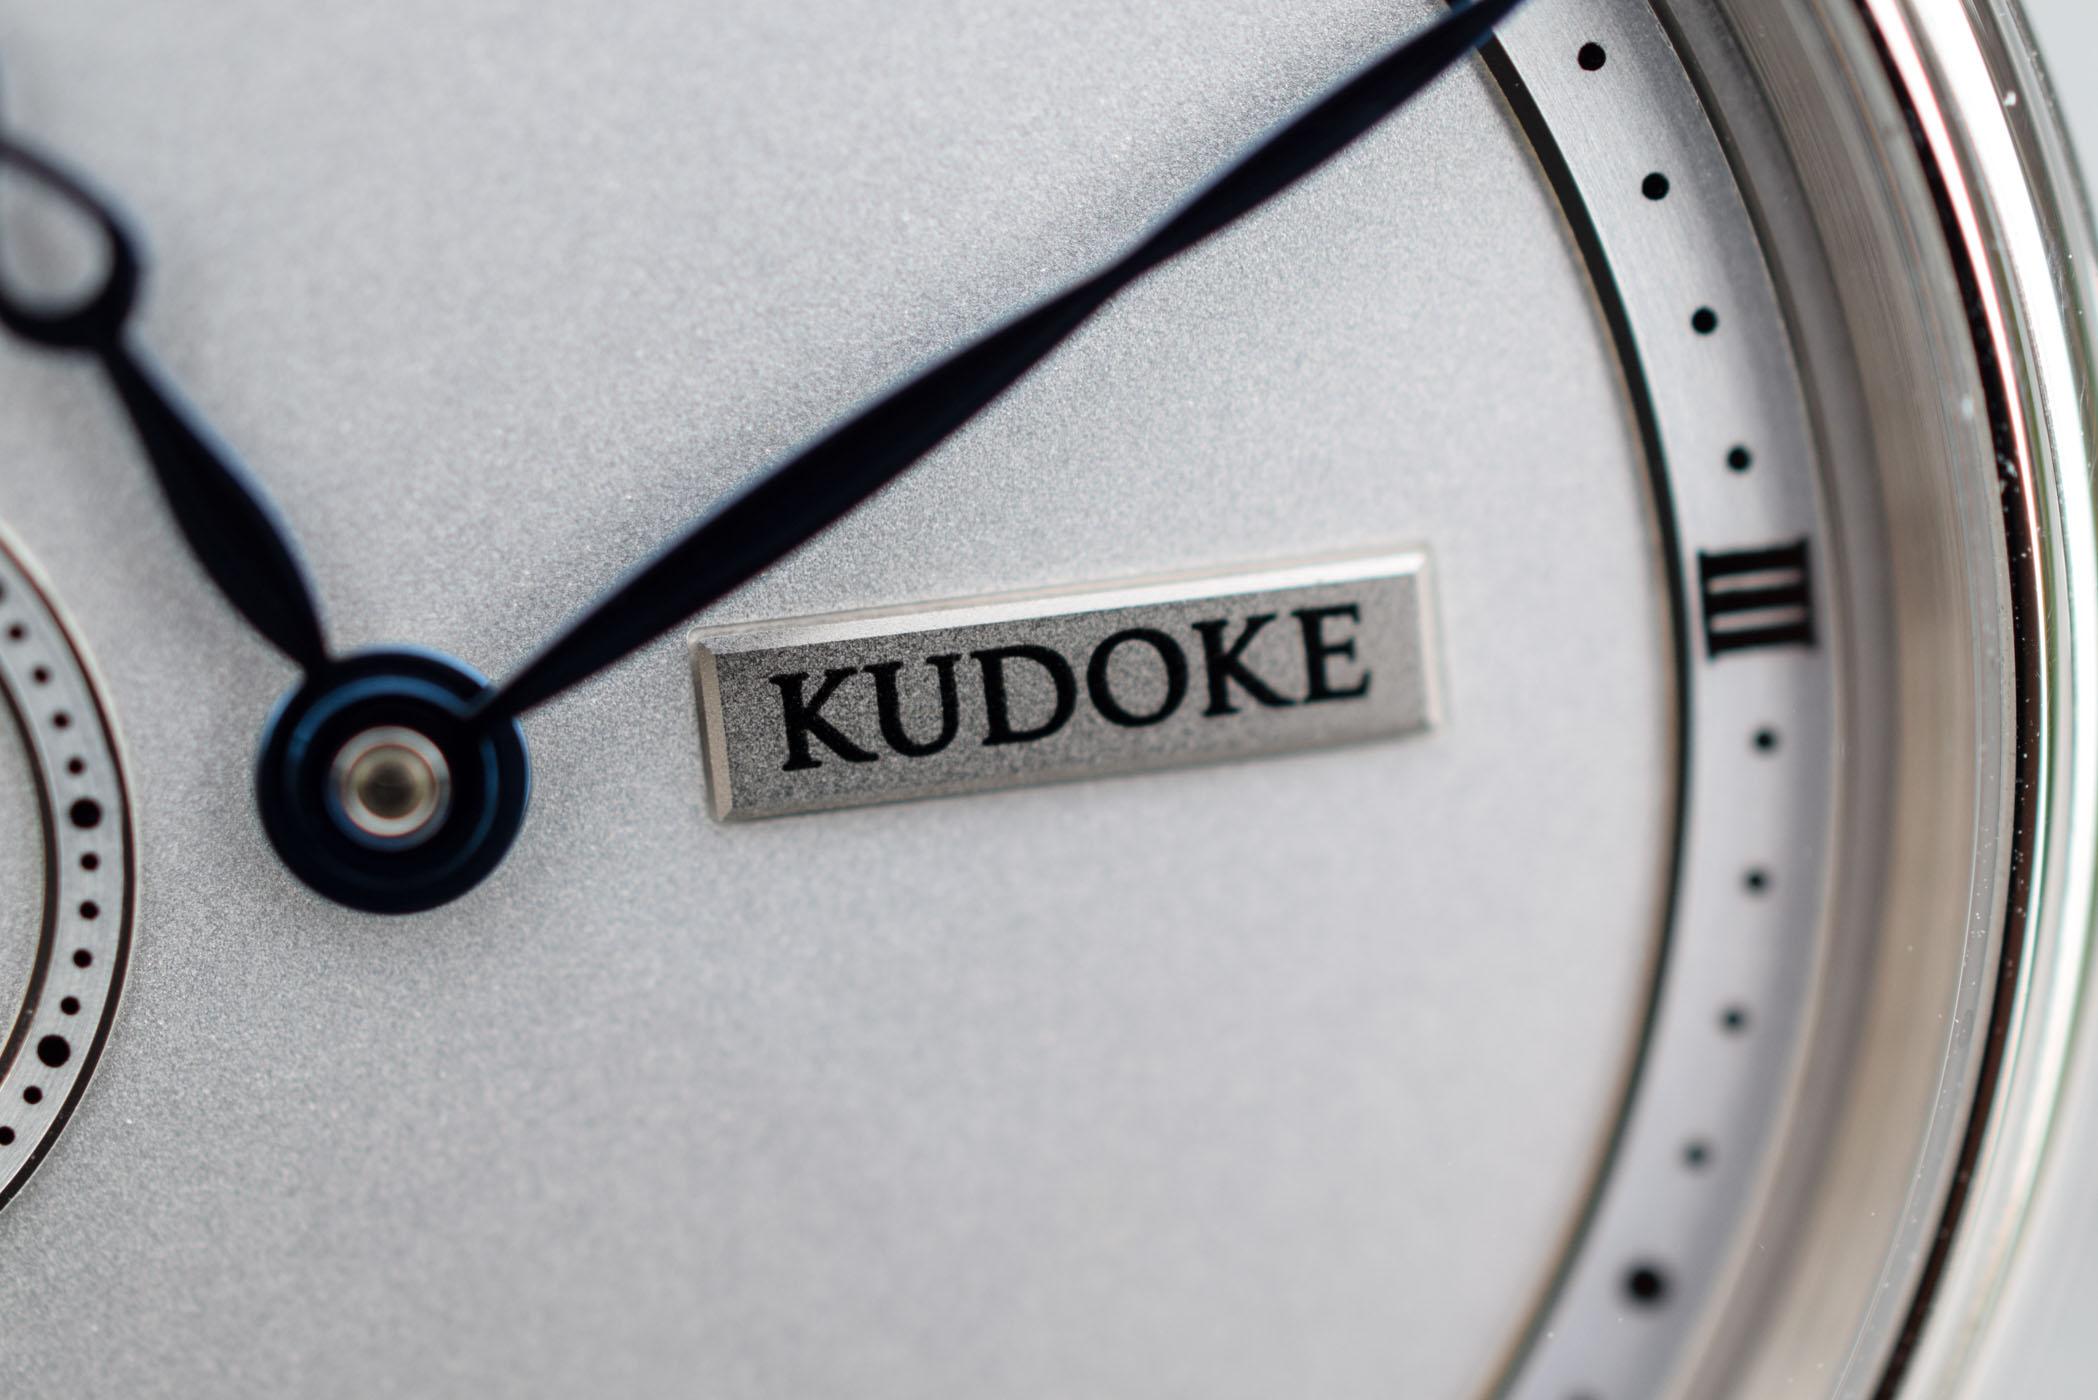 Kudoke Handwerk1-0788